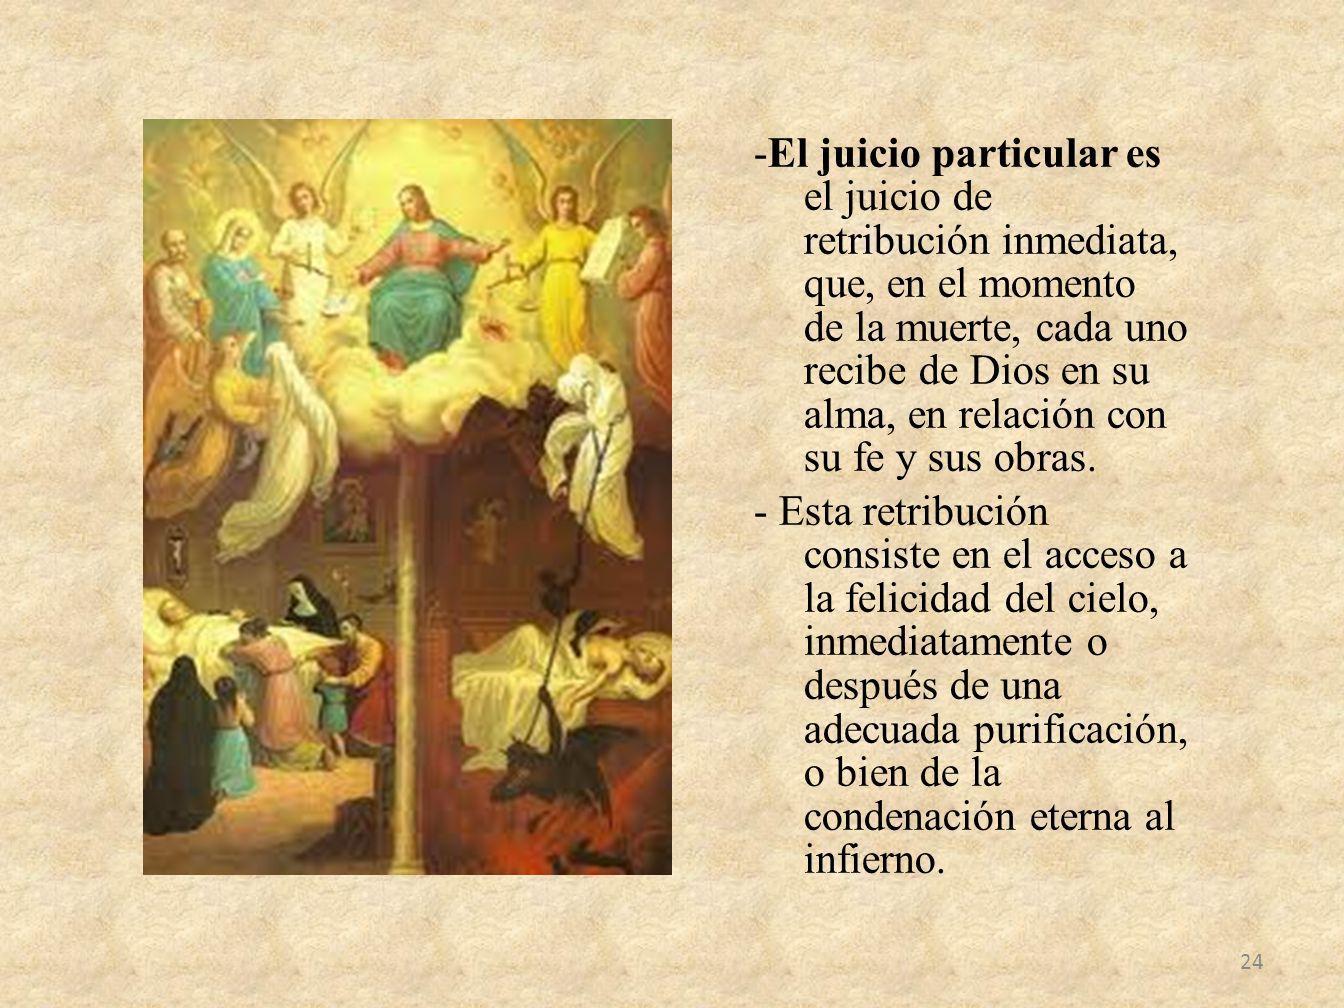 -El juicio particular es el juicio de retribución inmediata, que, en el momento de la muerte, cada uno recibe de Dios en su alma, en relación con su fe y sus obras.